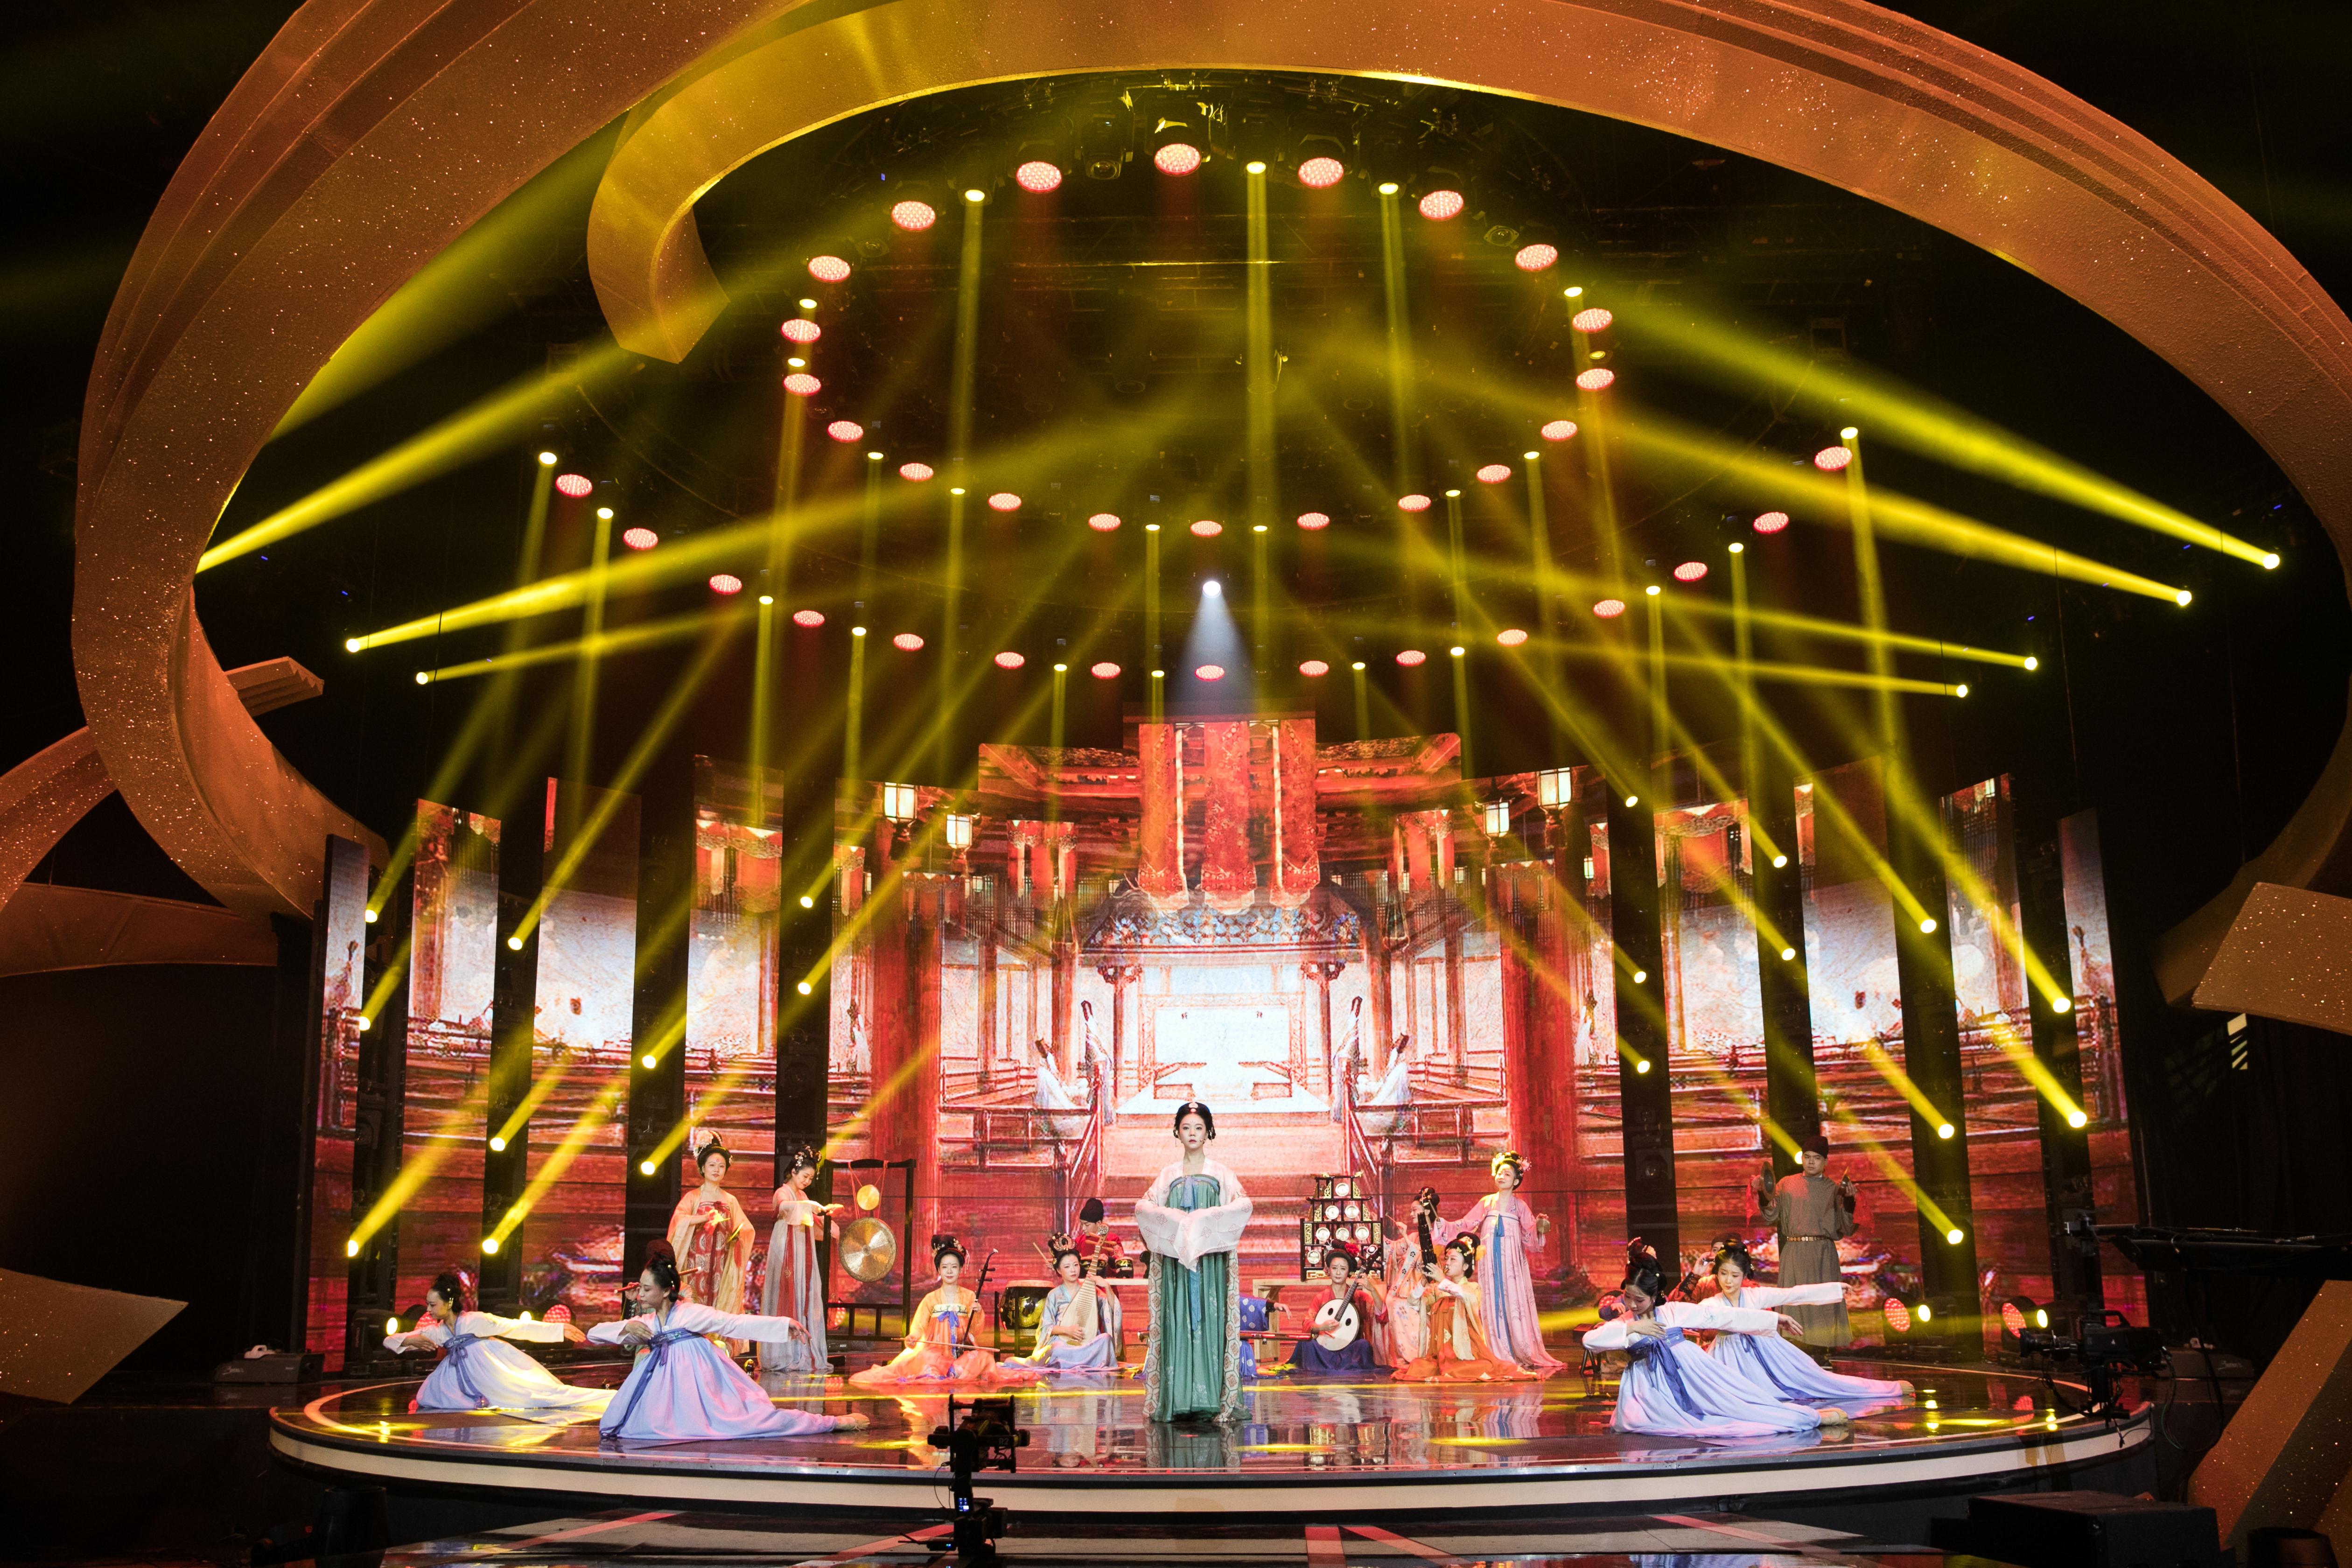 西安鼓乐登上央视《非常传奇》硕士、博士组团展现长安传统文化